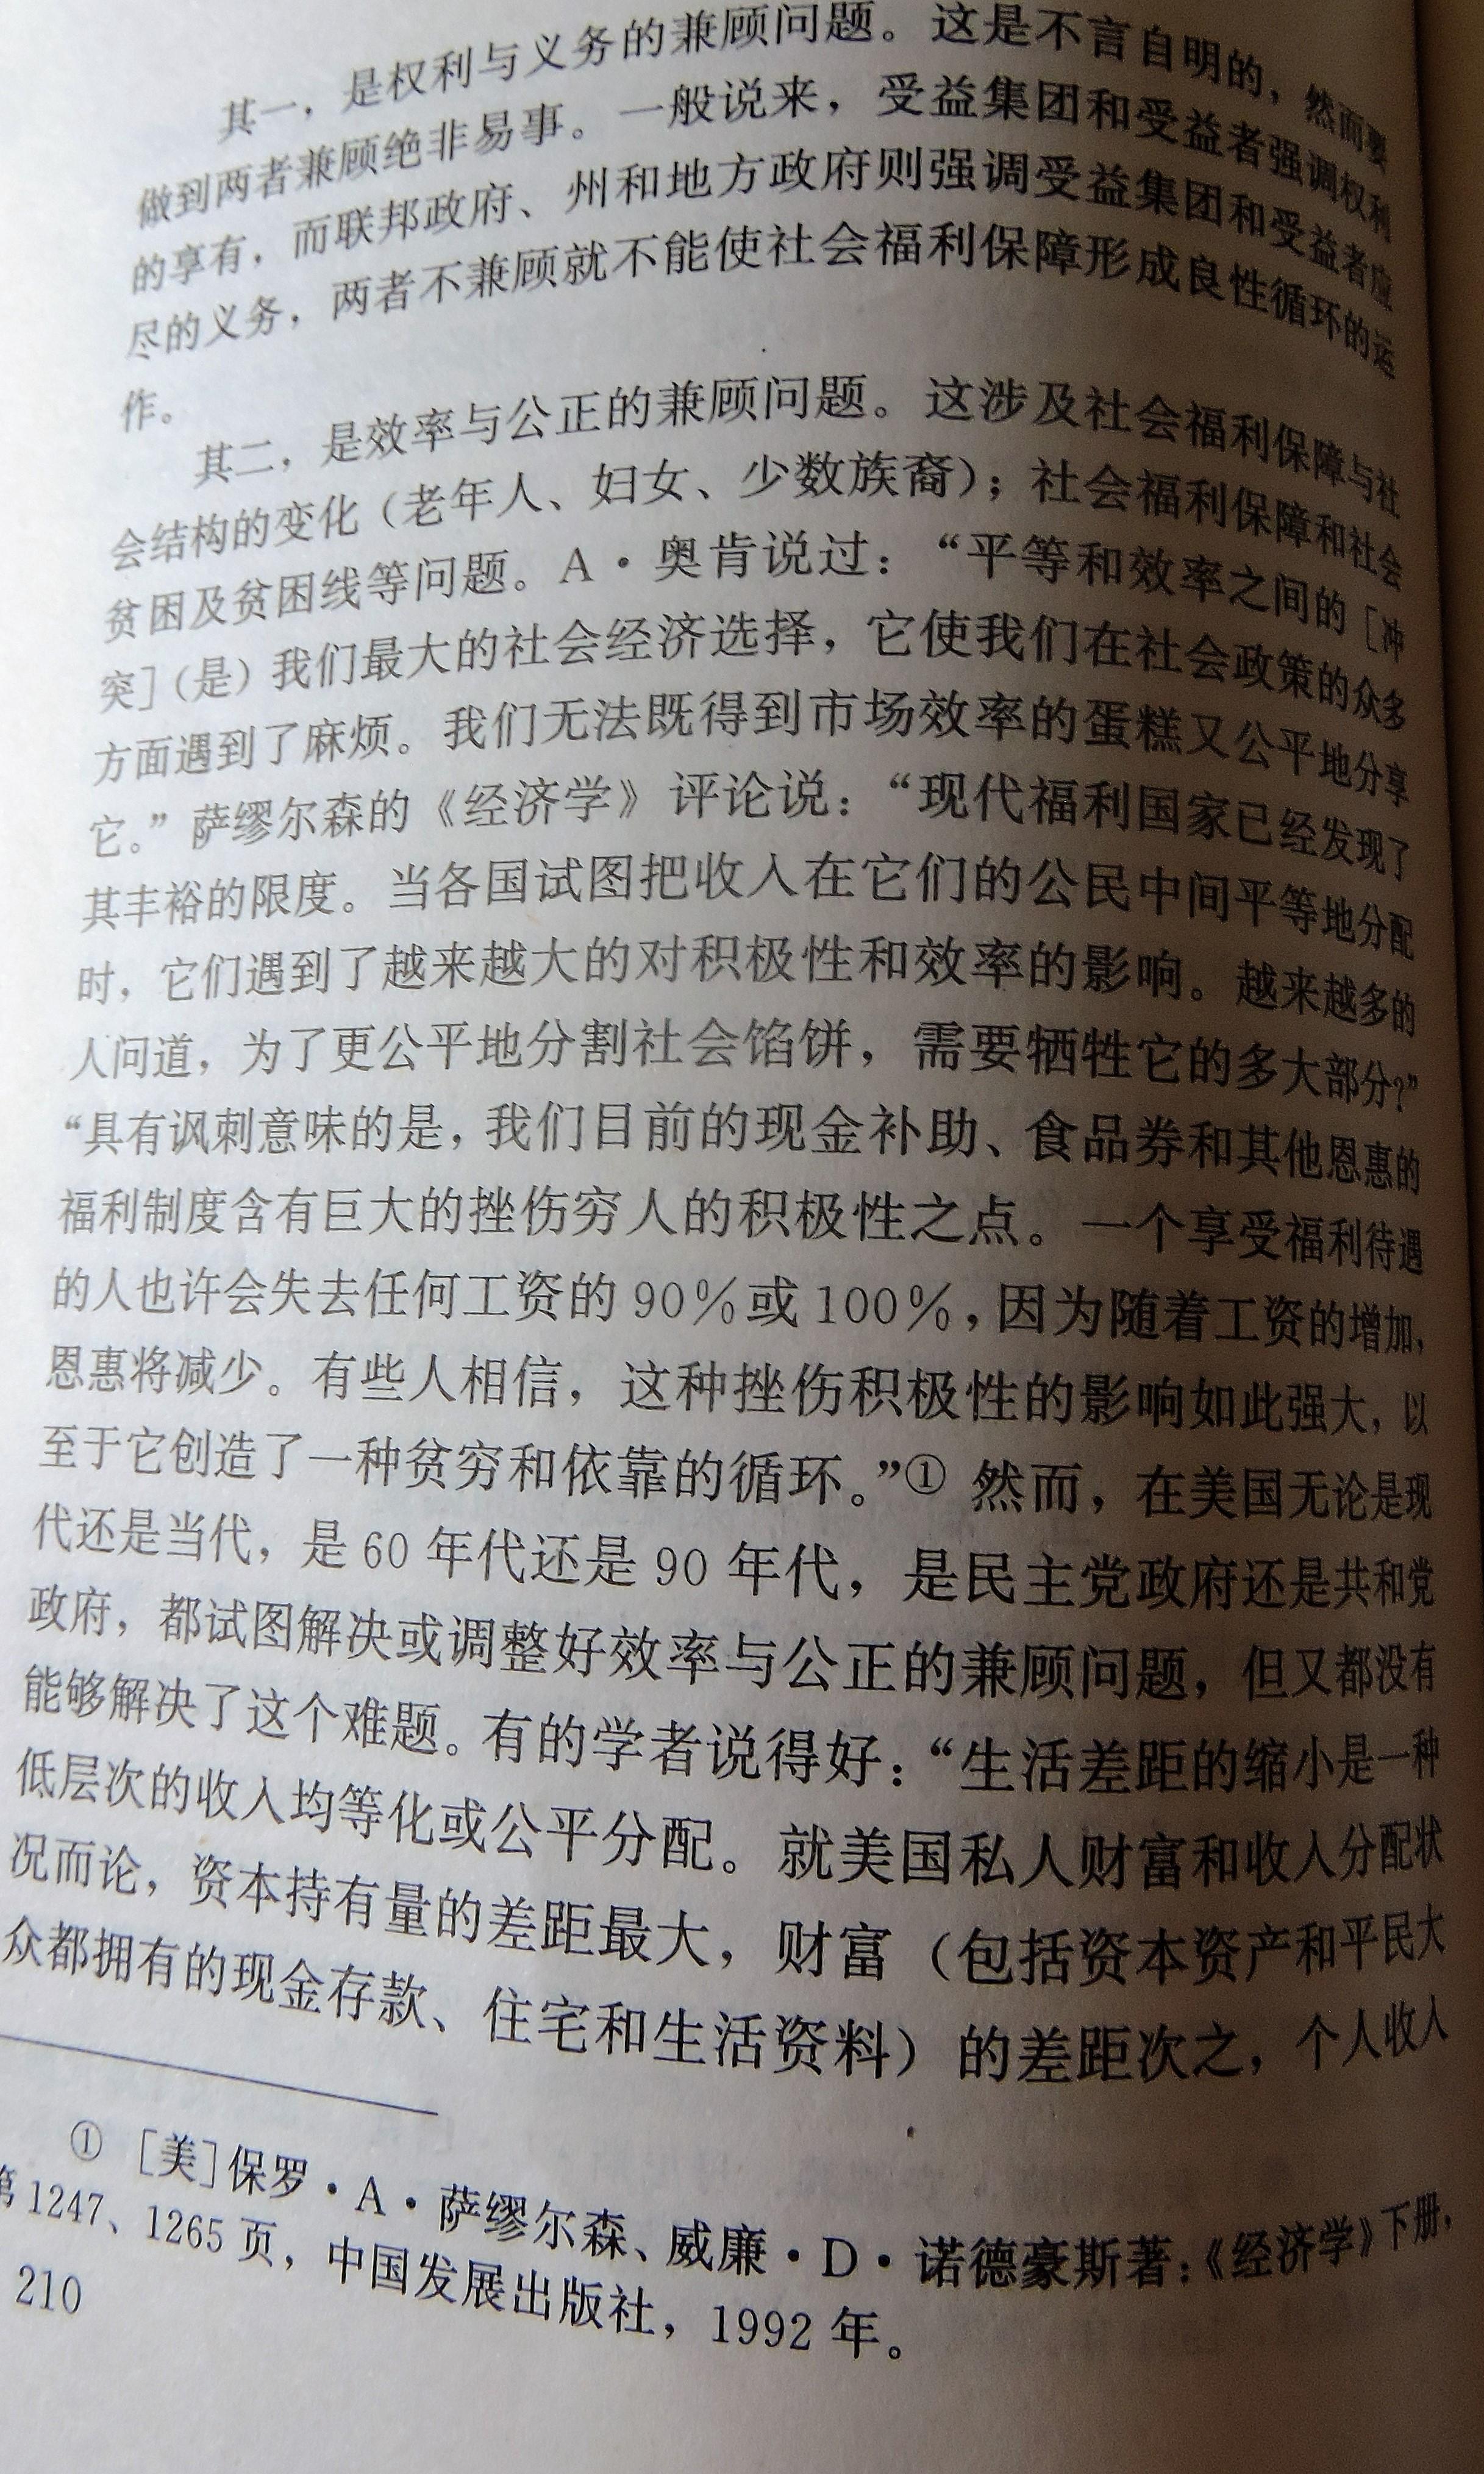 20 DSCN8510.jpg